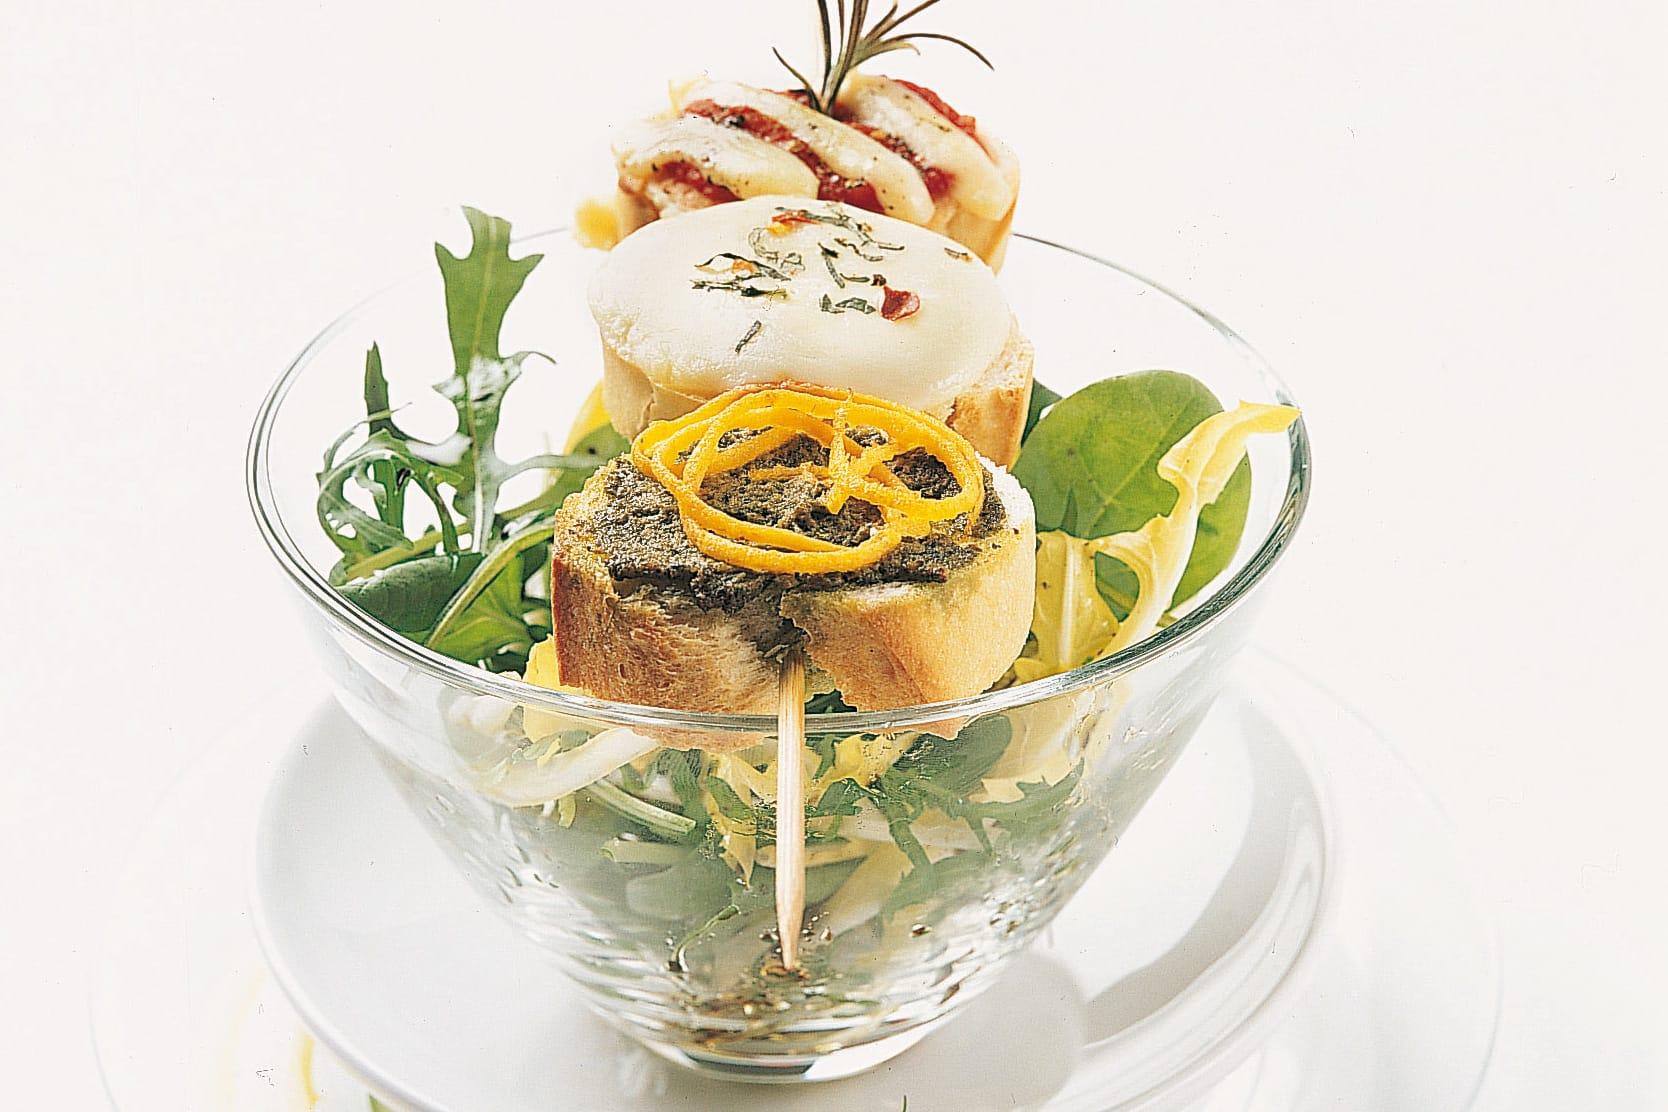 Überbackene Parisette-Spiessli mit Salat